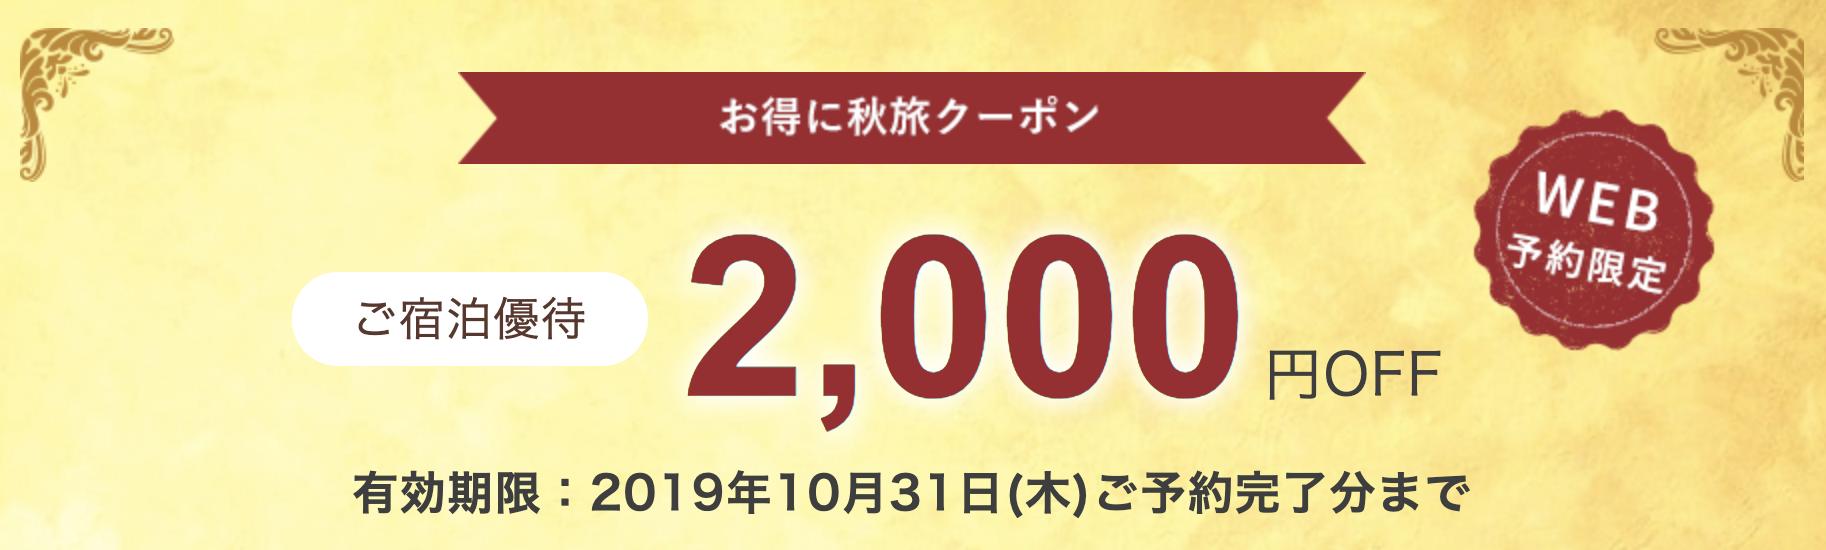 ゆこゆこネットの国内宿・旅館予約が2,000円割引クーポン